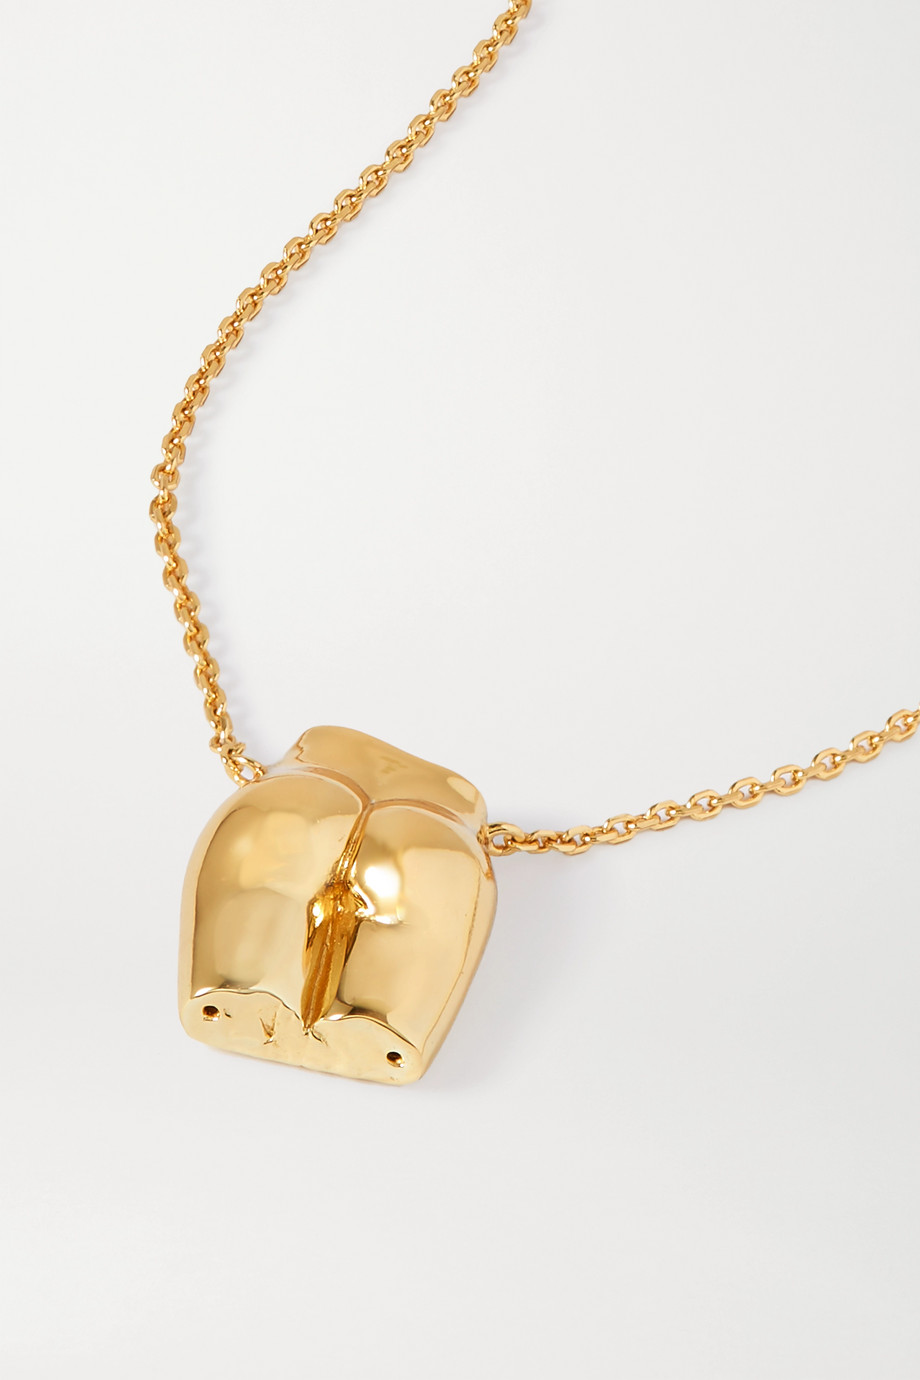 Anissa Kermiche Le Derrière gold-plated necklace